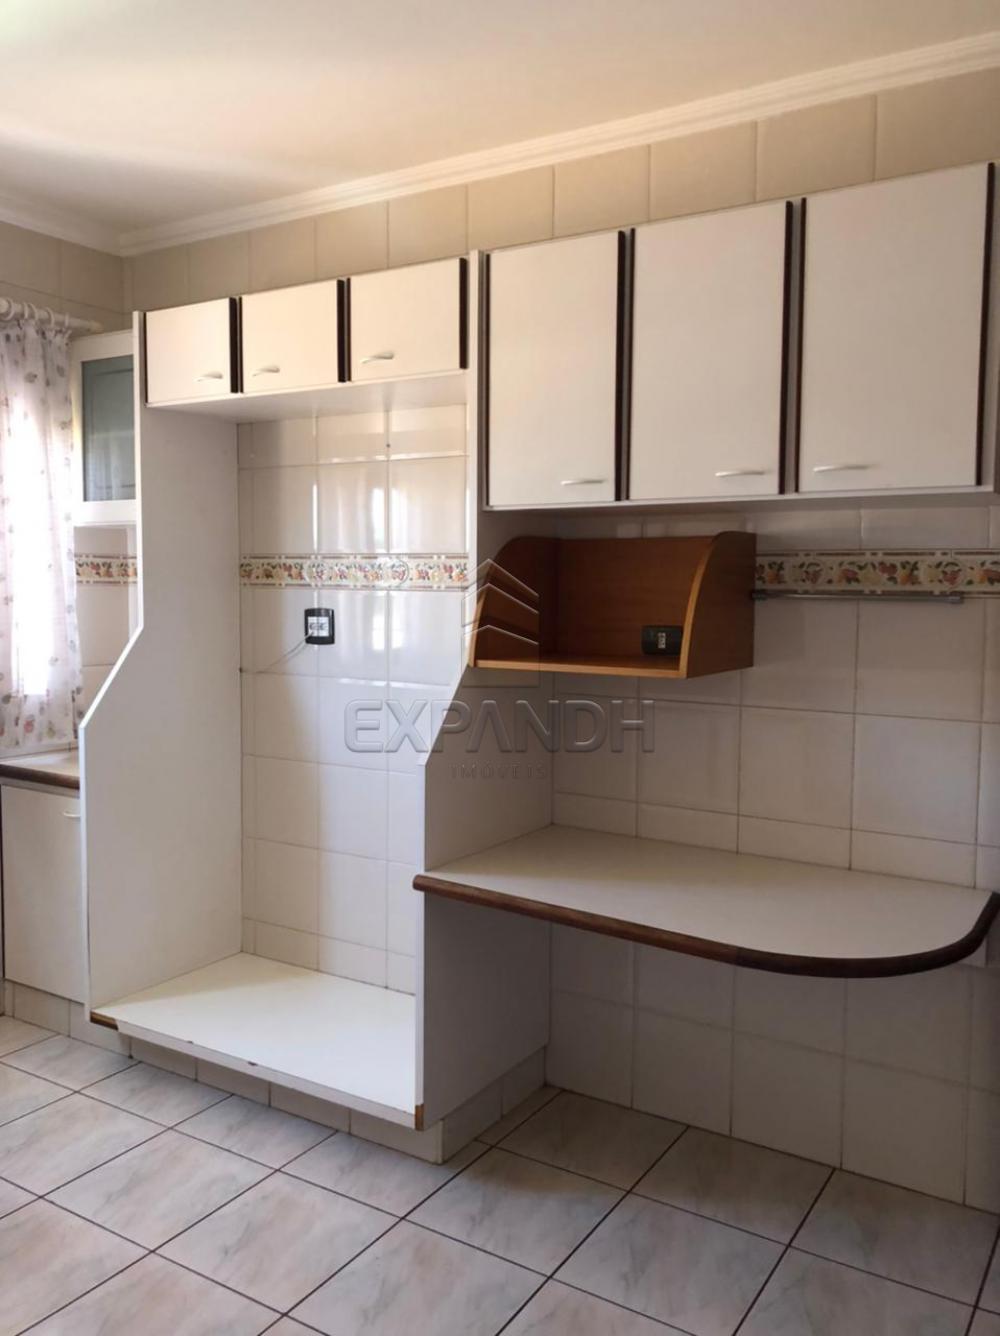 Alugar Apartamentos / Padrão em Sertãozinho R$ 1.350,00 - Foto 8